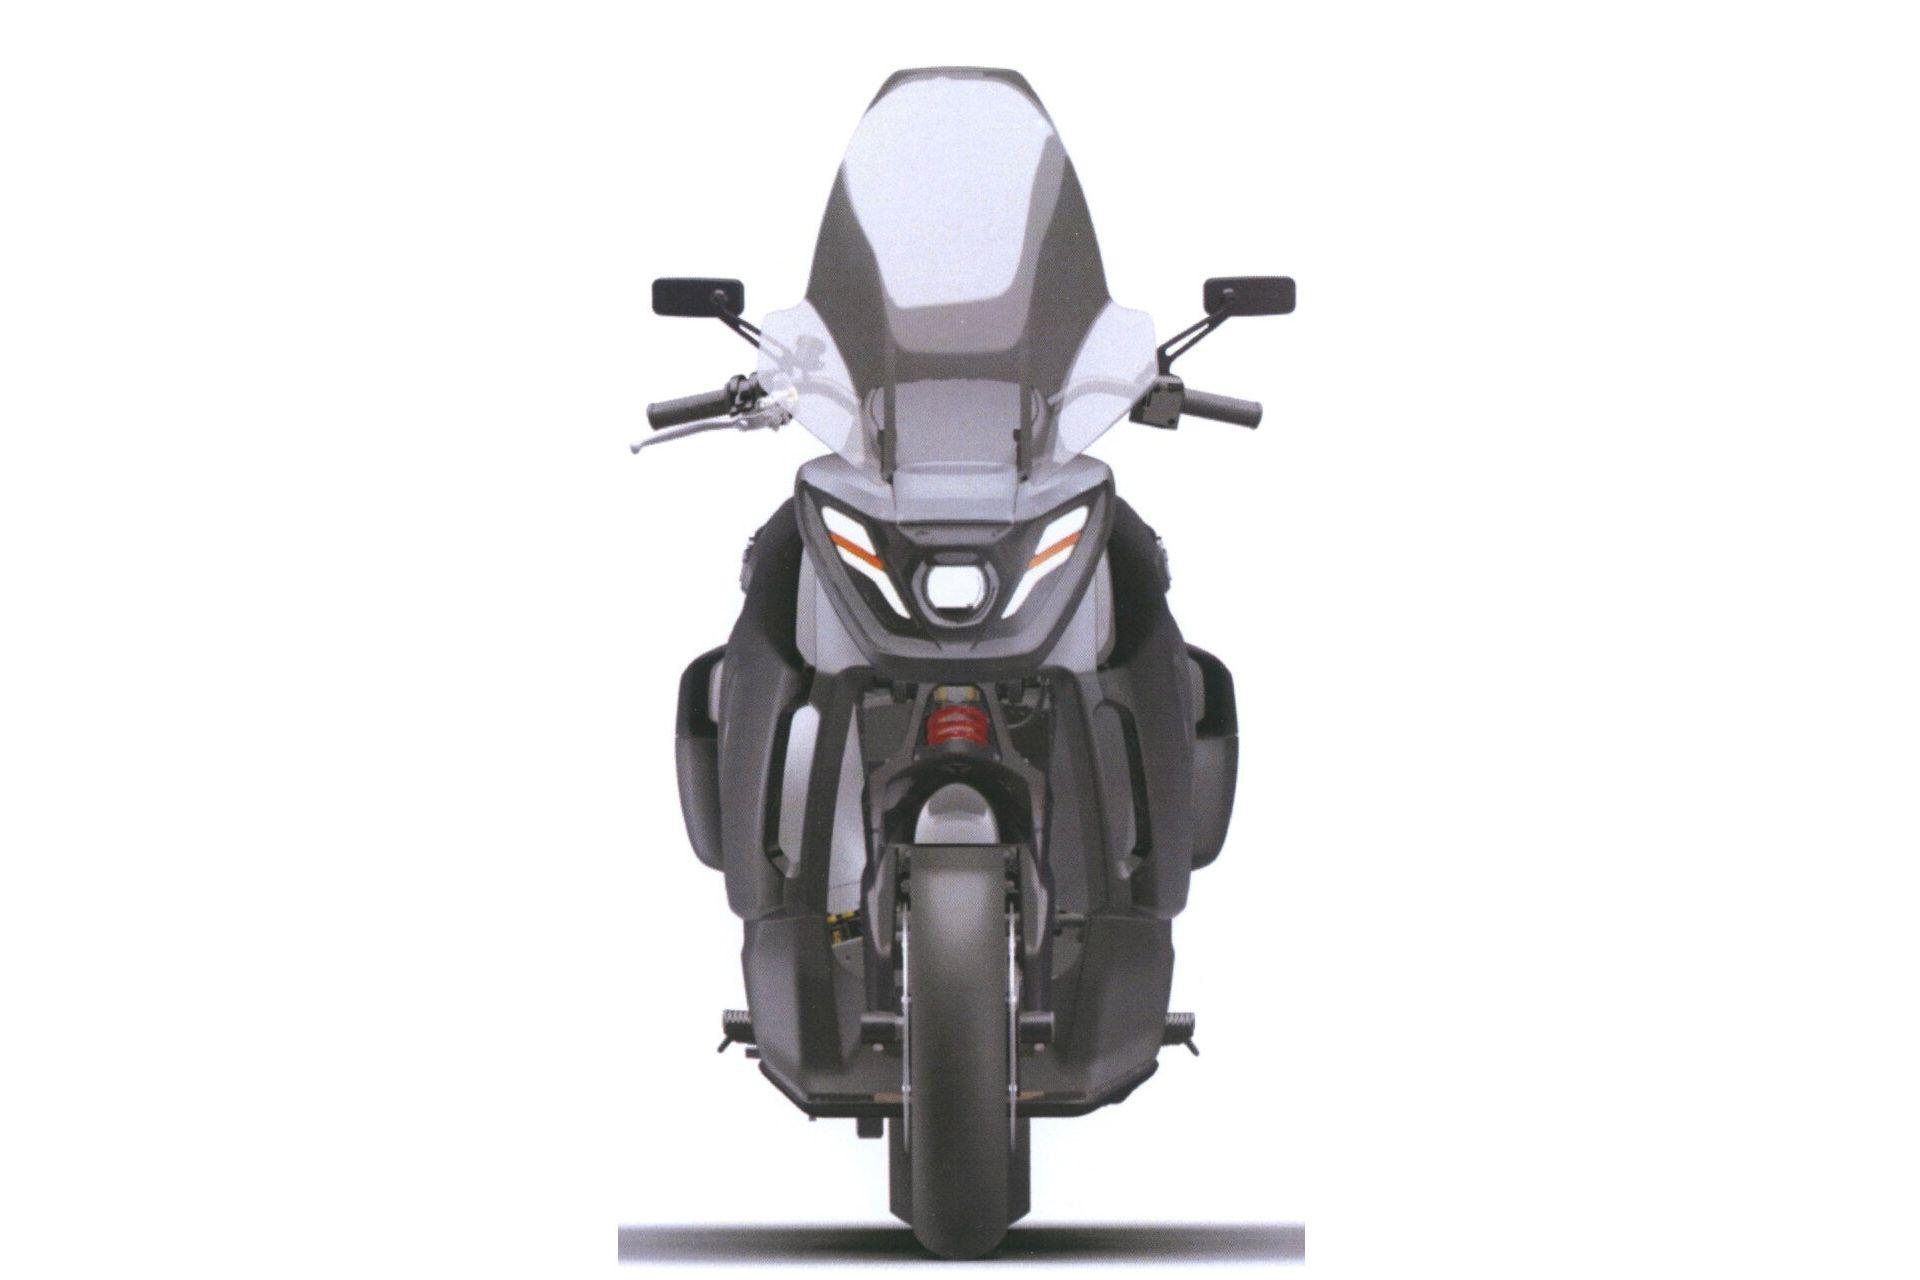 Aurus-Komendant.-patent-images-5